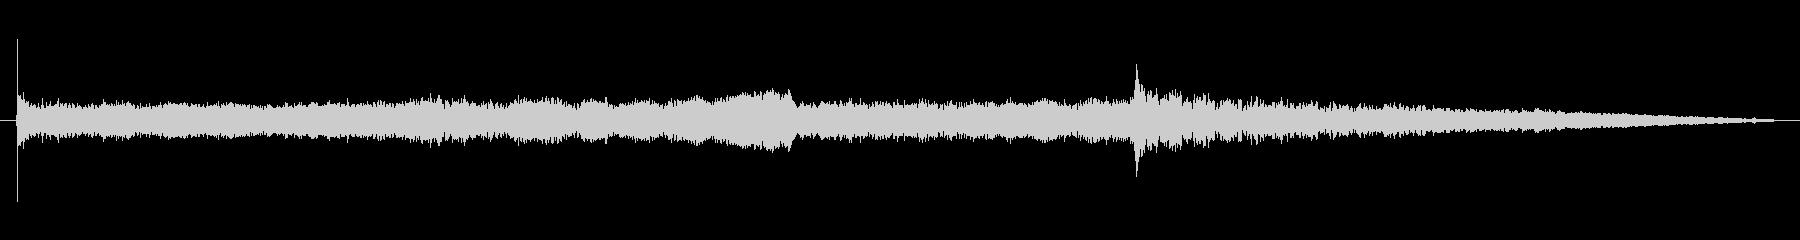 オーブンラックボウ01-LCRの未再生の波形